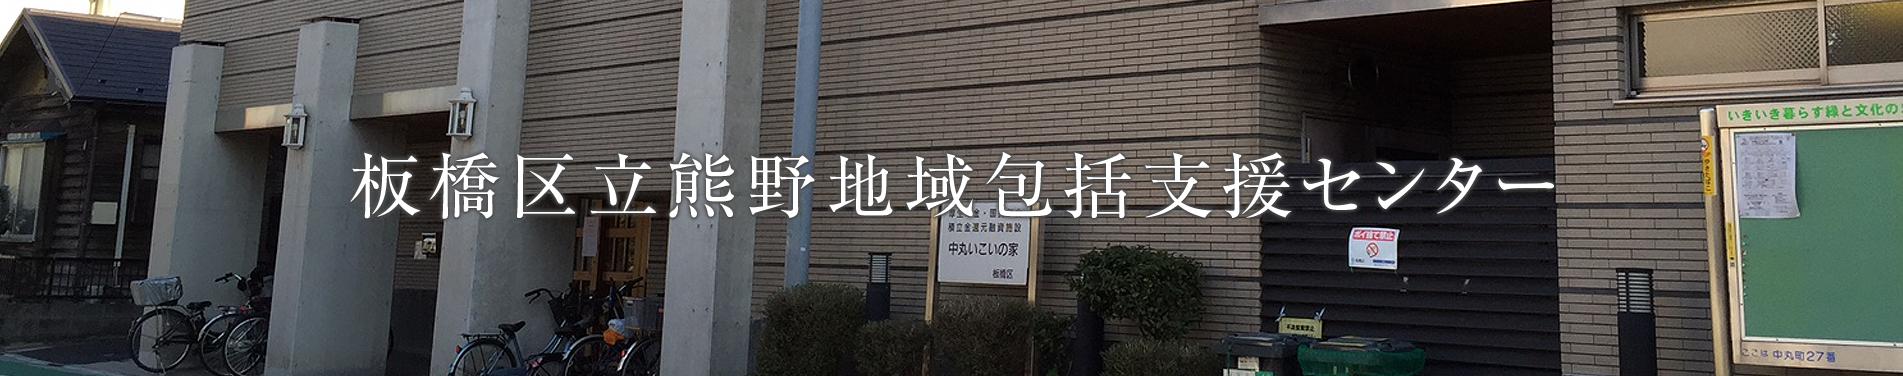 板橋区立熊野地域包括支援センター